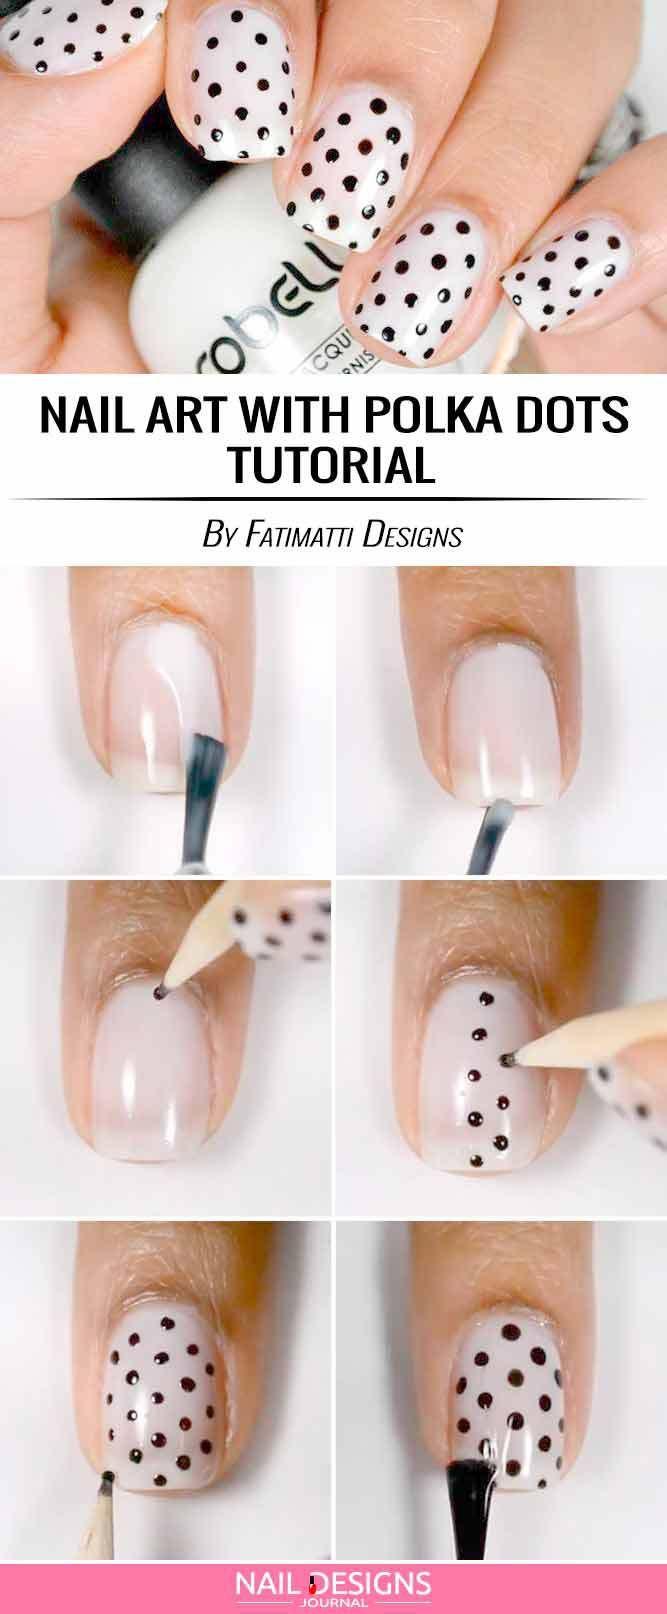 15 Super Easy Nail Designs DIY Tutorials: #2. Nail Art with Polka Dots & Bows; #nailart; #naildesign; #nailtutorial